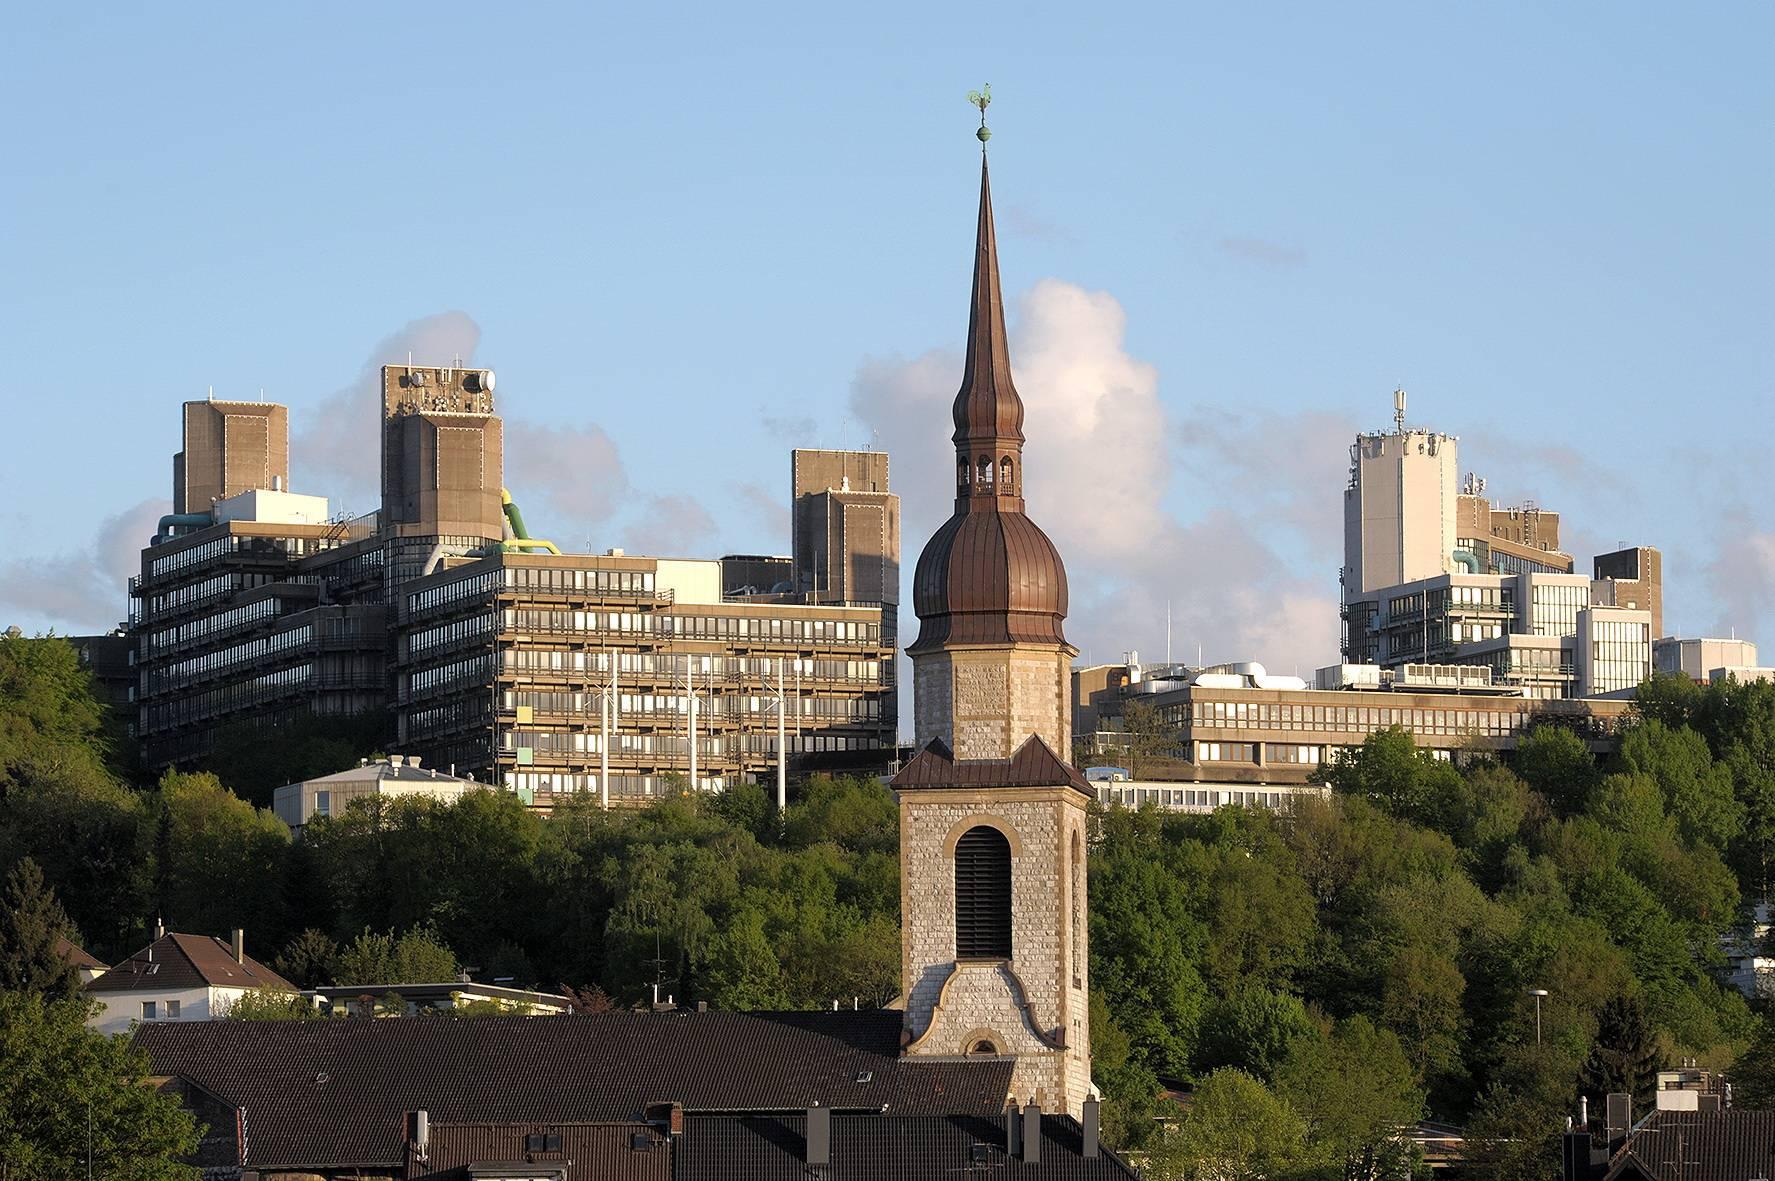 Tagung In Wuppertal Zu Schule Zwischen Uberlastung Und Anpassungsdruck